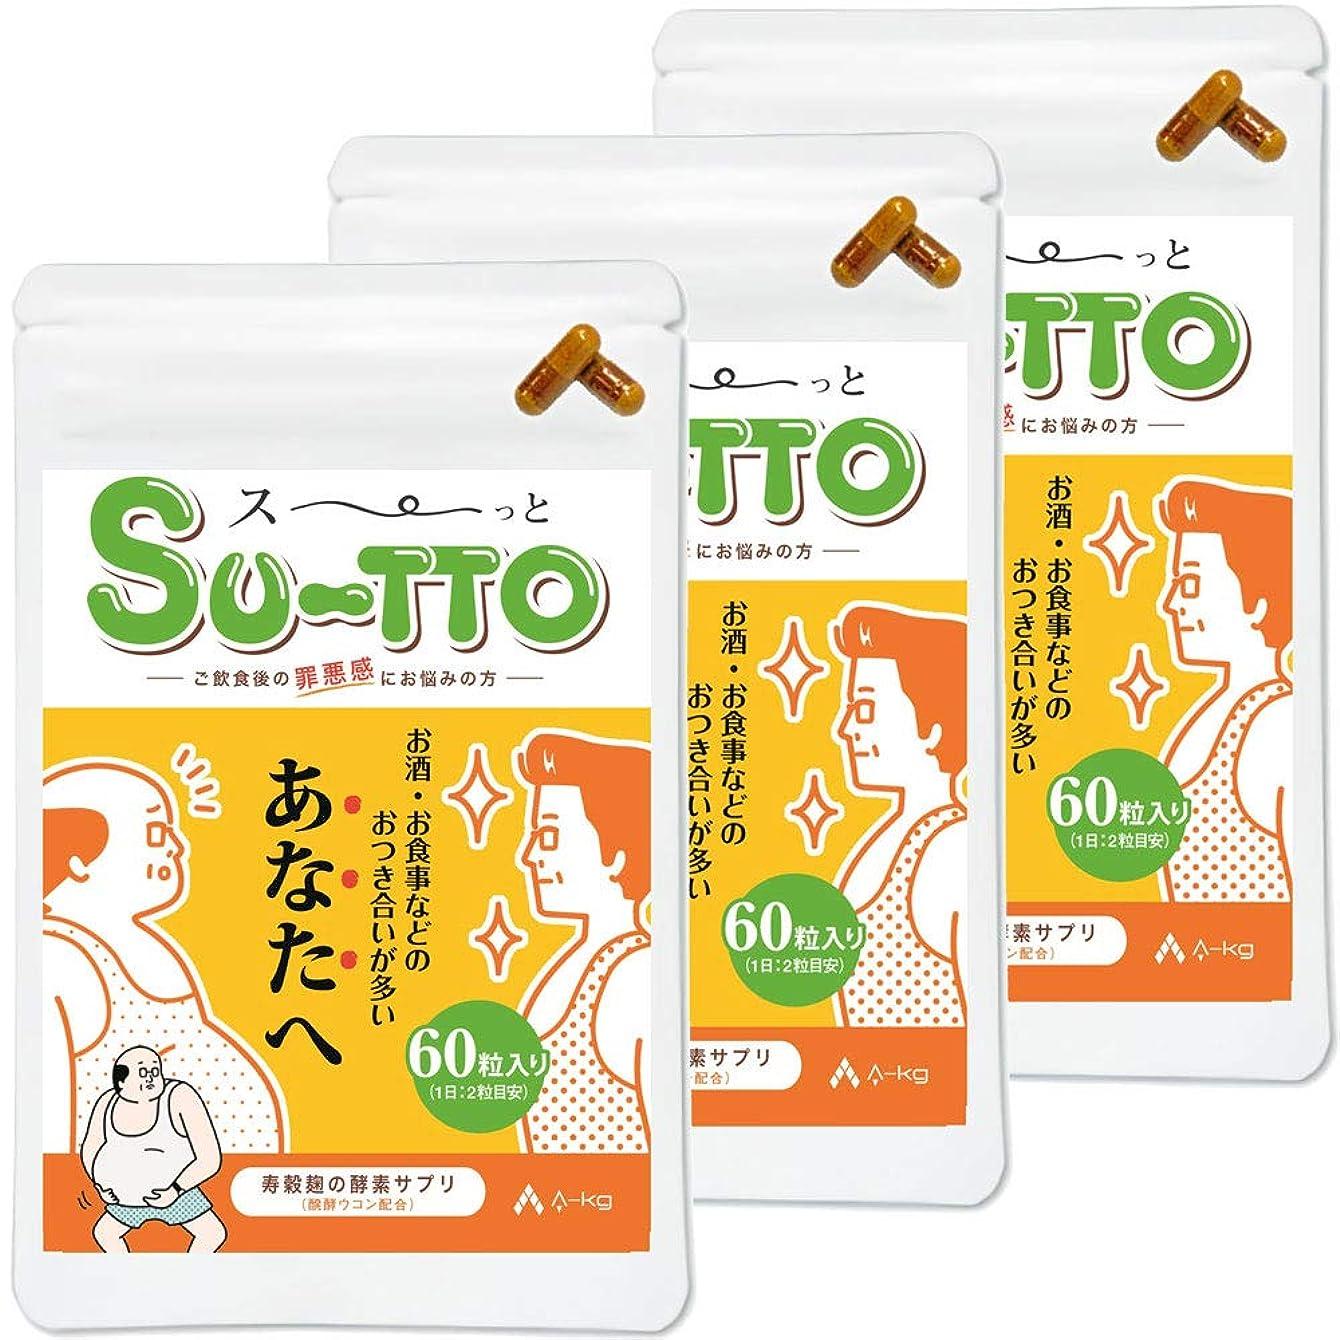 アライメントホールドオール生き残りA-KG SU-TTO 寿穀麹 酵素サプリ 酵素? サプリ 麹 こうじ ダイエット サプリメント こうじ酵素 3個セット(180粒:約3ヶ月分)